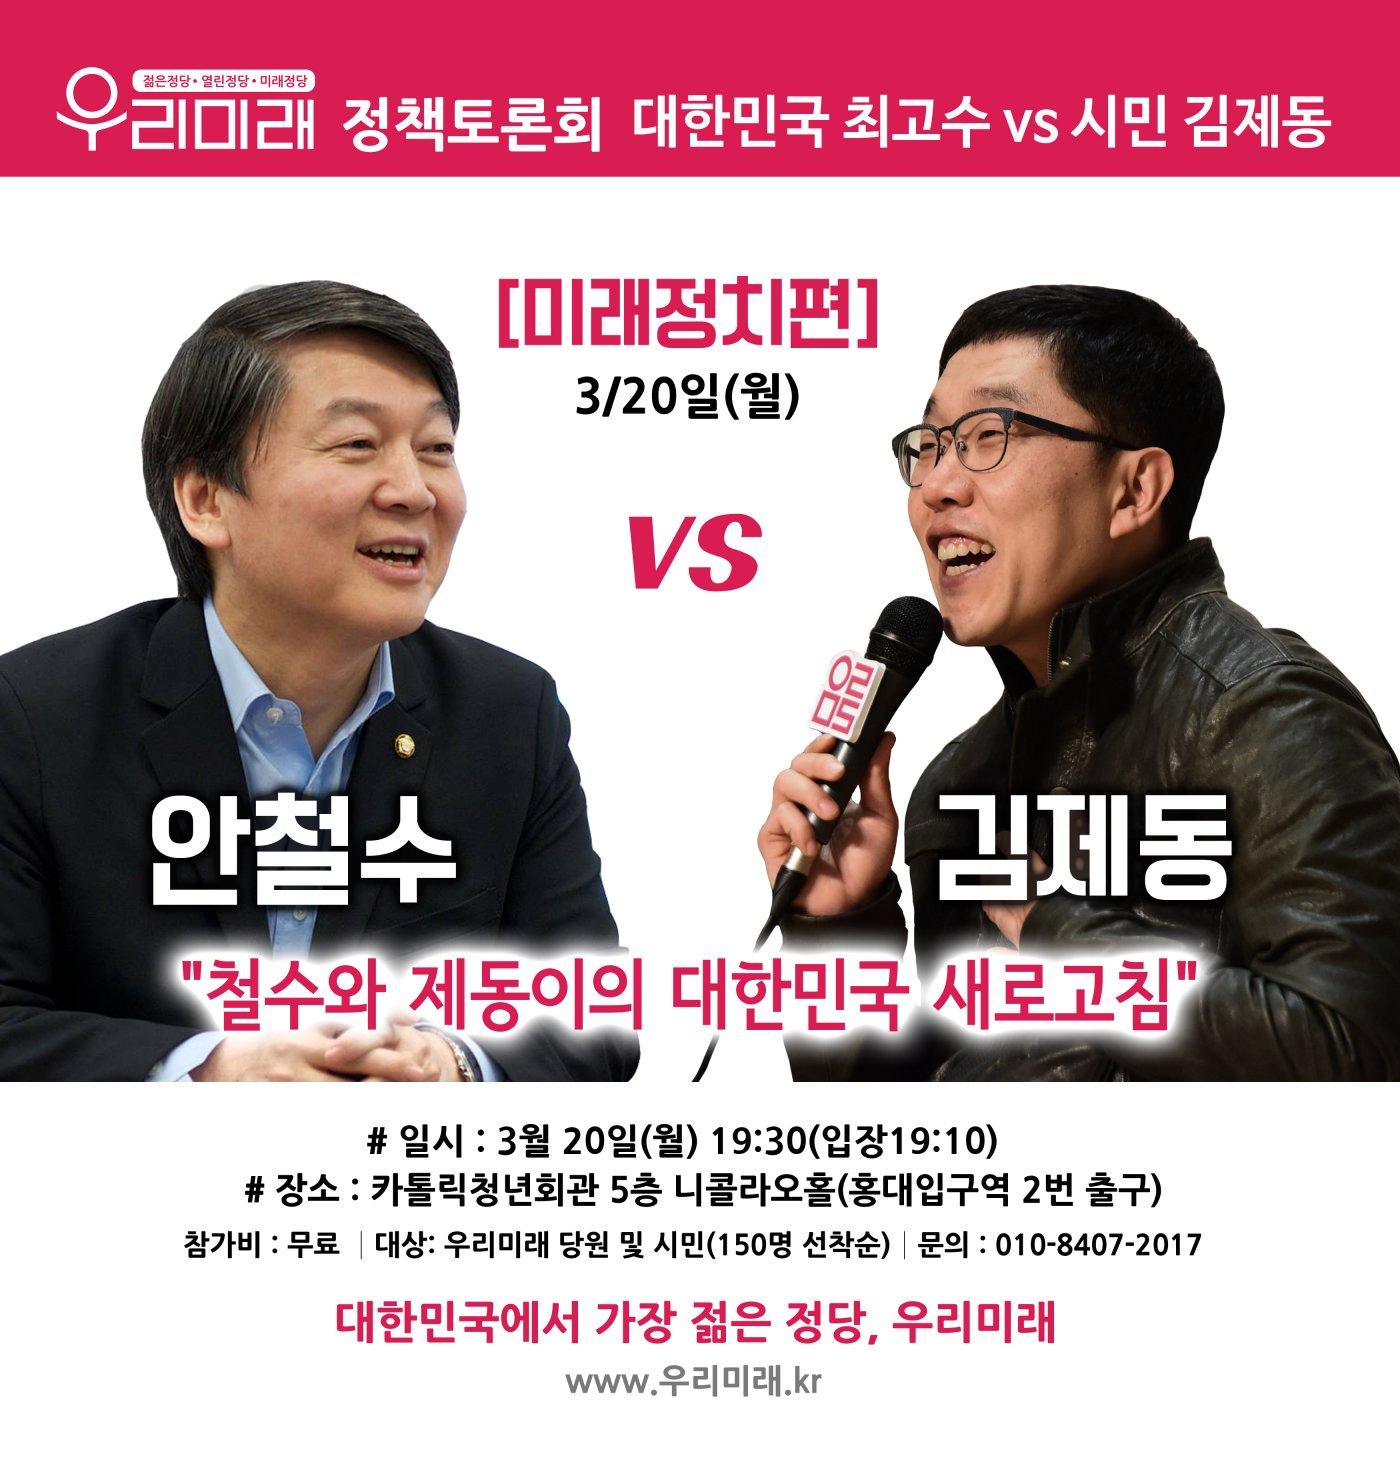 우리미래 정책토론_미래정치편_웹자보.jpg